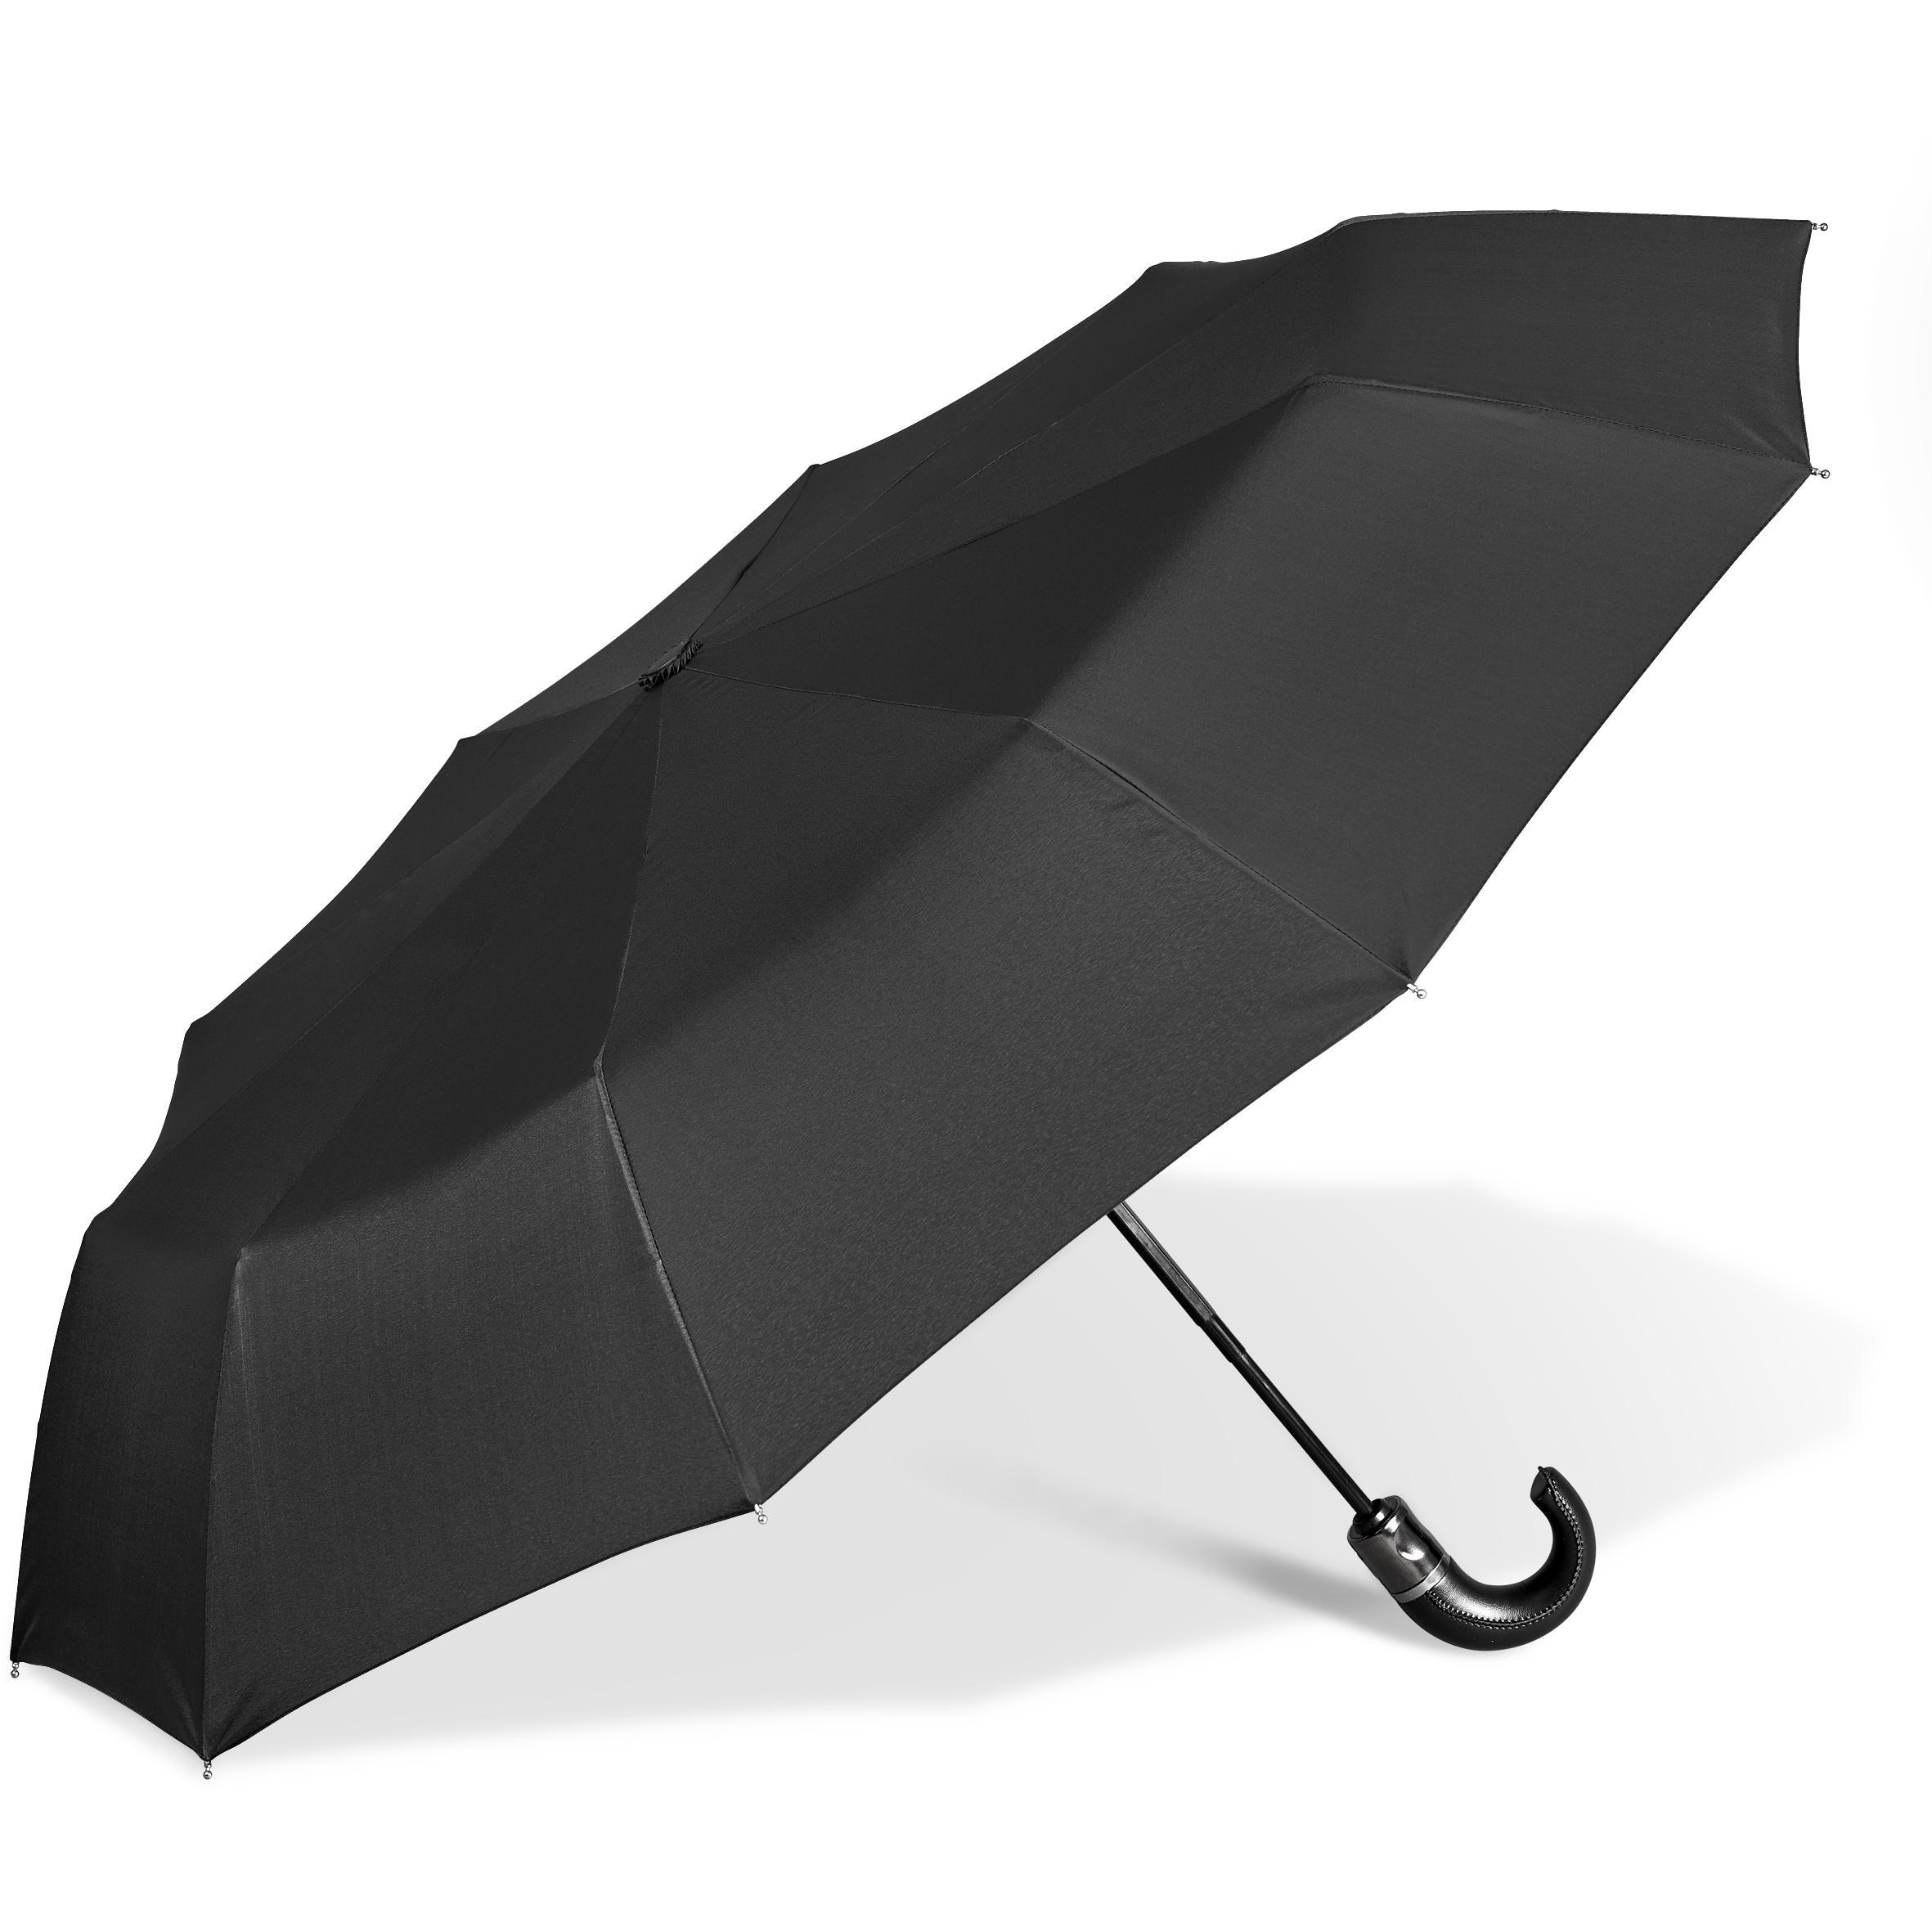 Alex Varga Zeus Compact Umbrella